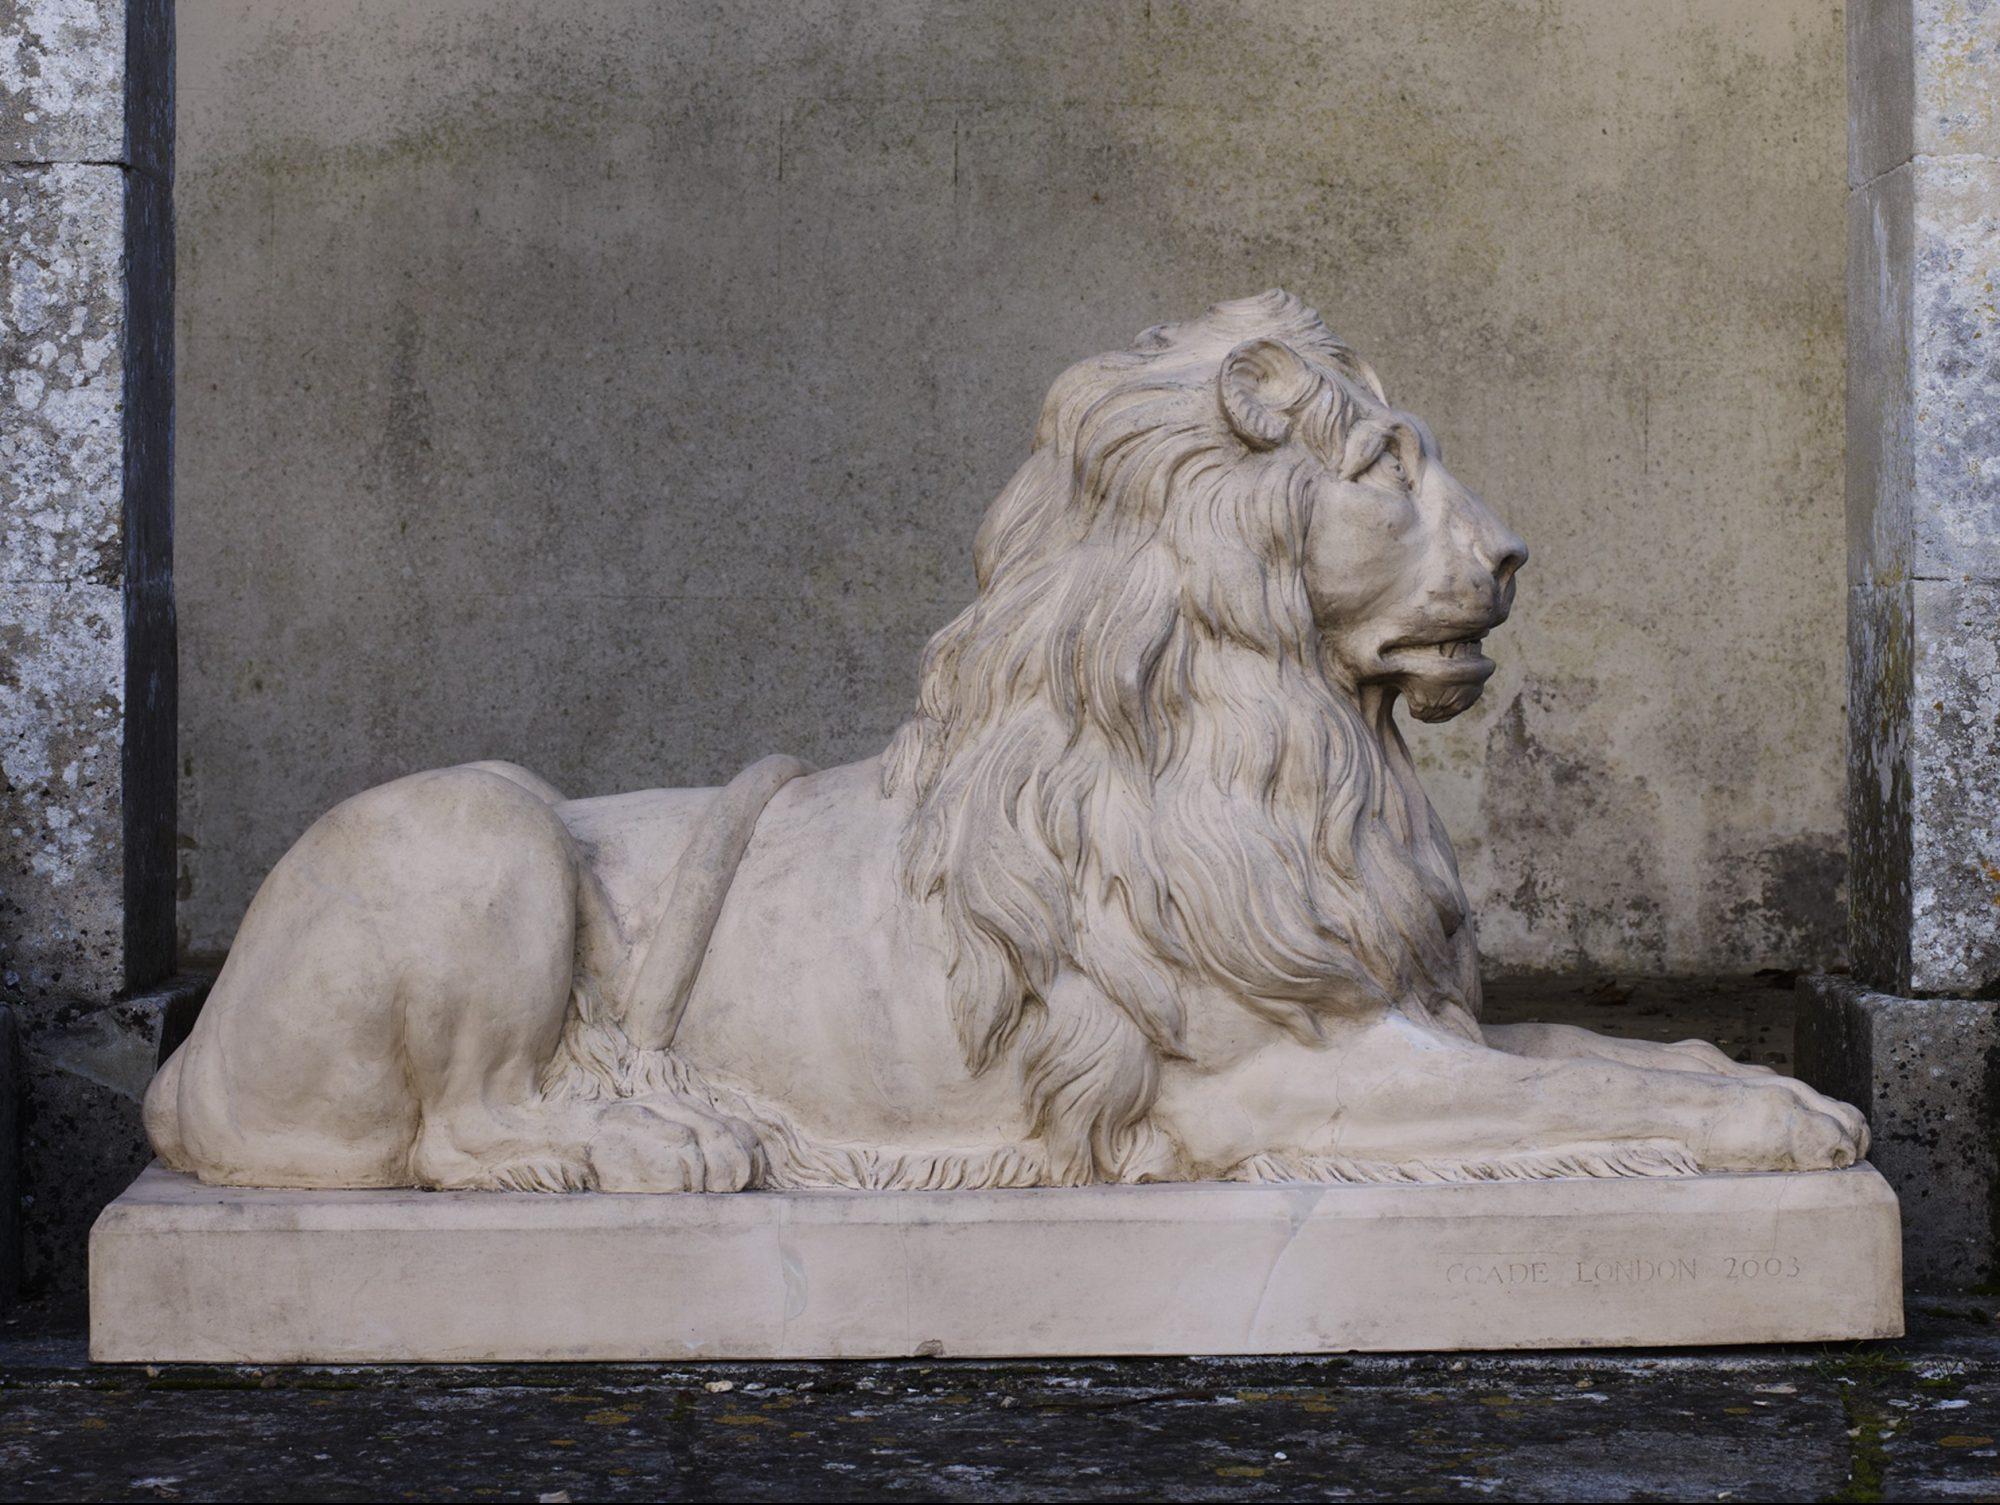 Audley End Lion